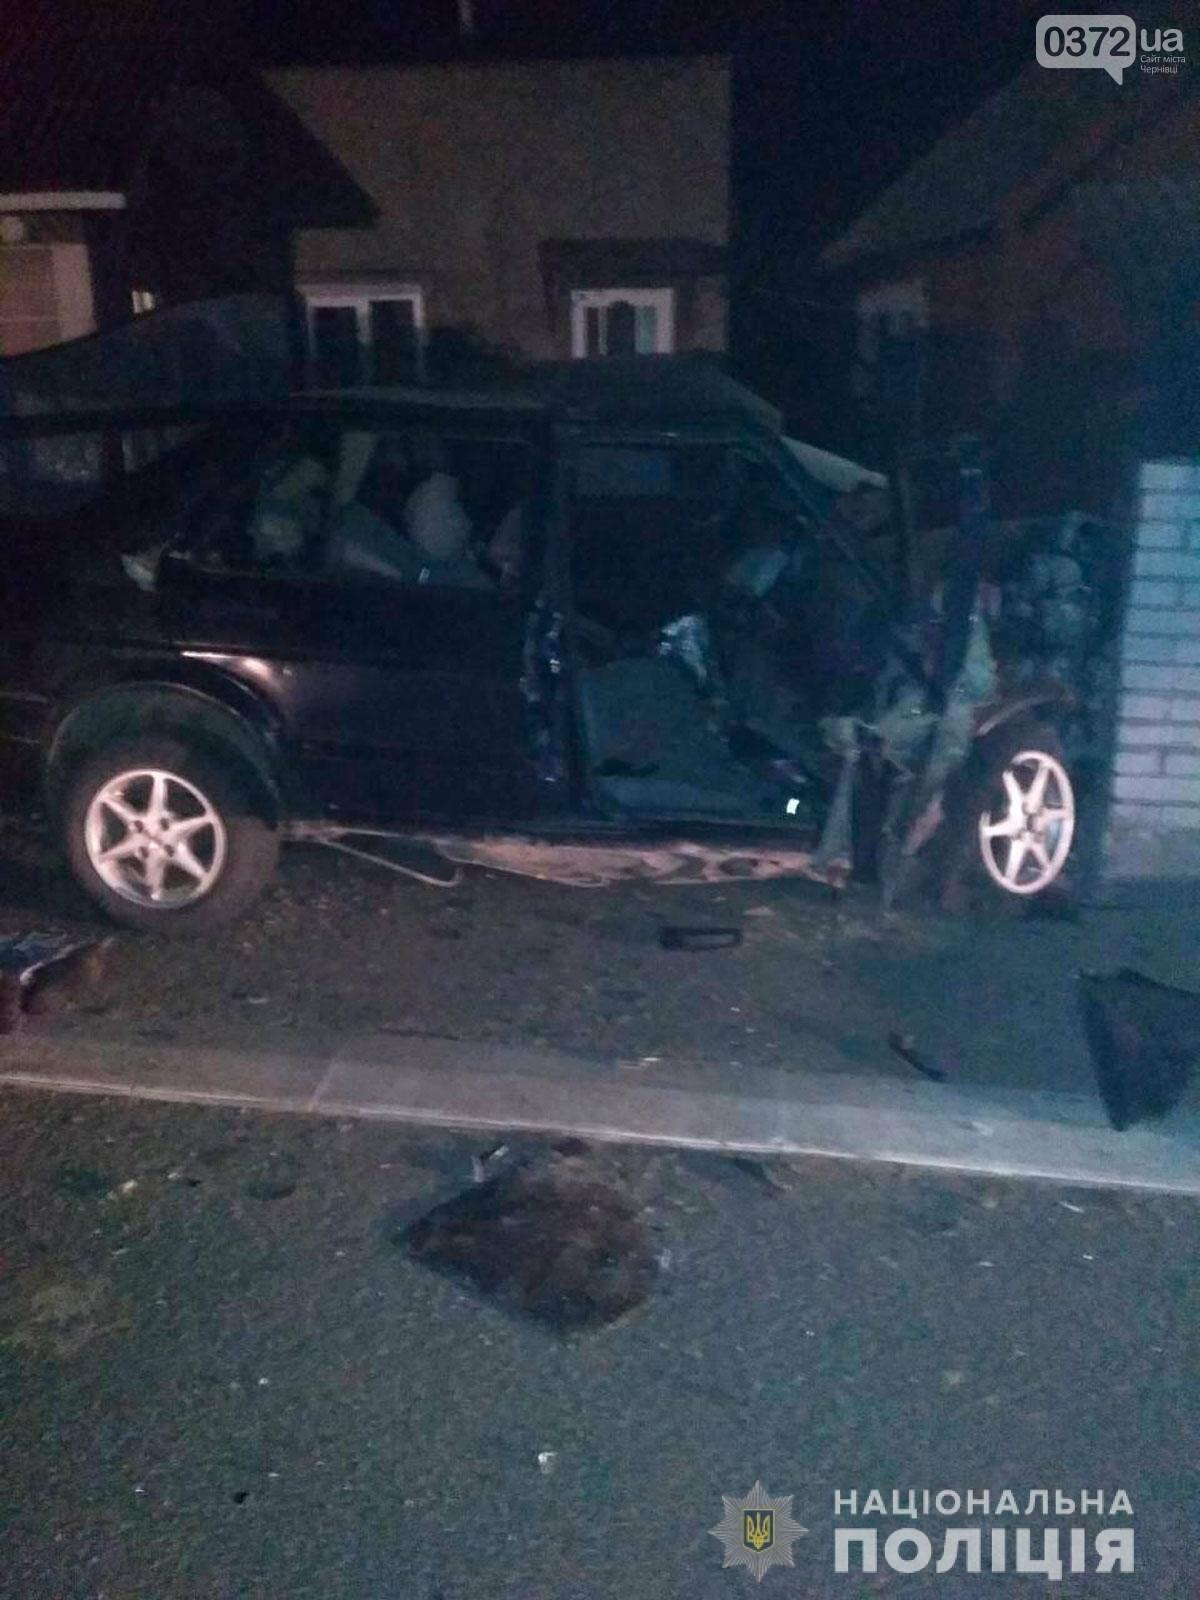 Внаслідок нічної ДТП на Буковині загинув чоловік: на перехресті доріг зіткнулись два автомобіля, фото-1